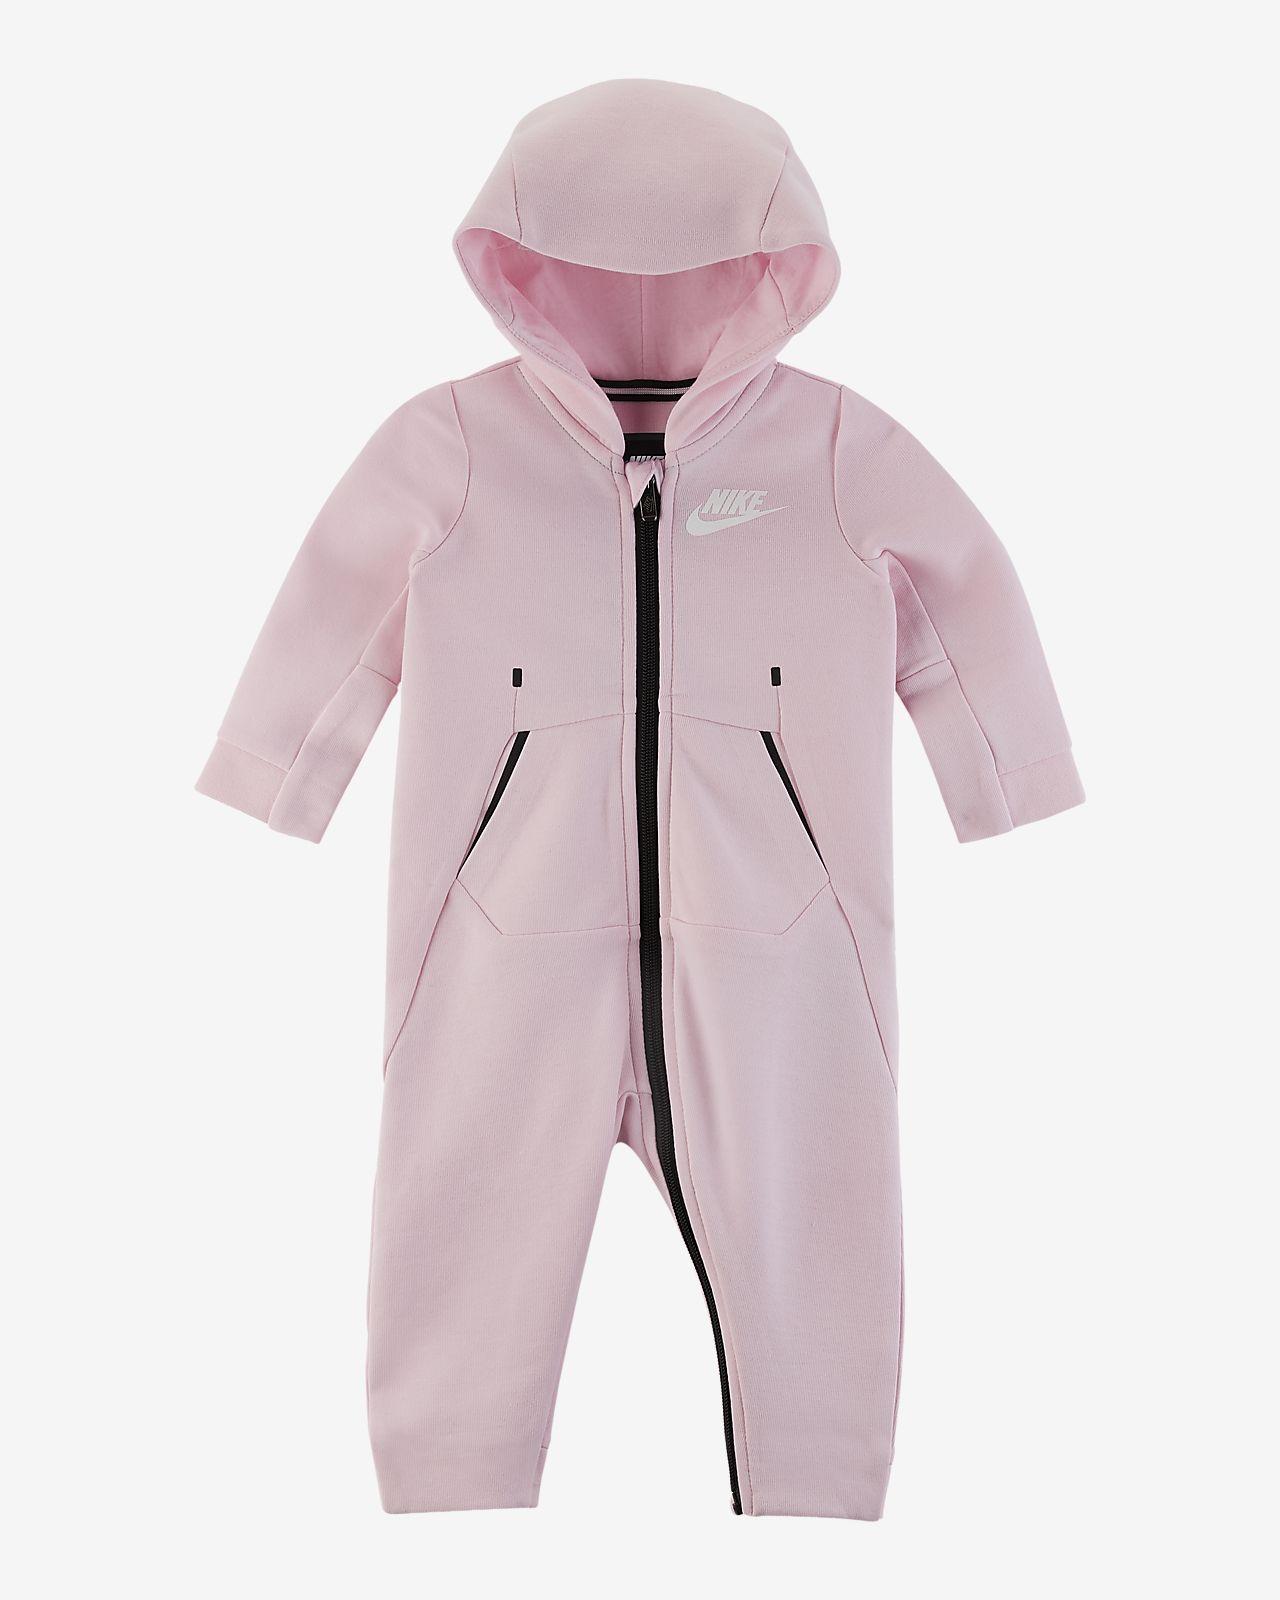 Coverall Sportswear Baby's Capuchon Fleece Tech Nike Met Voor rodCBxeW